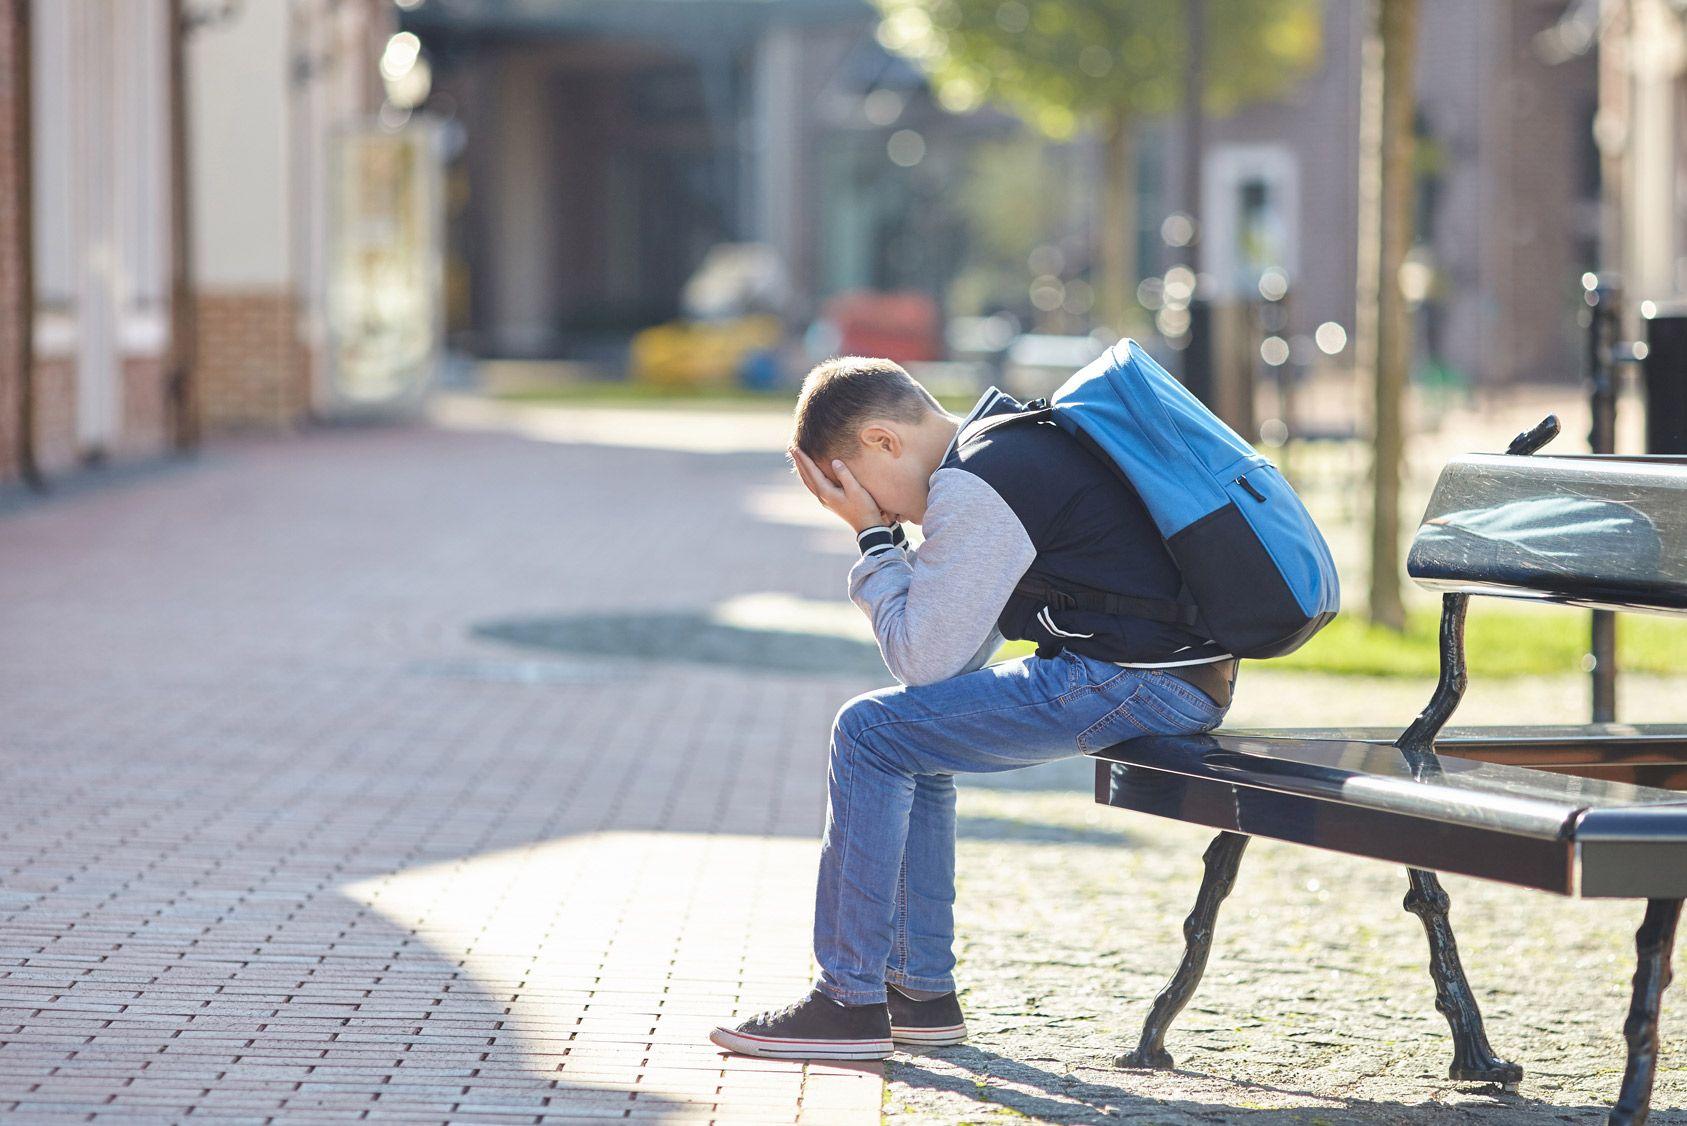 Notre fils est harcelé à l'école